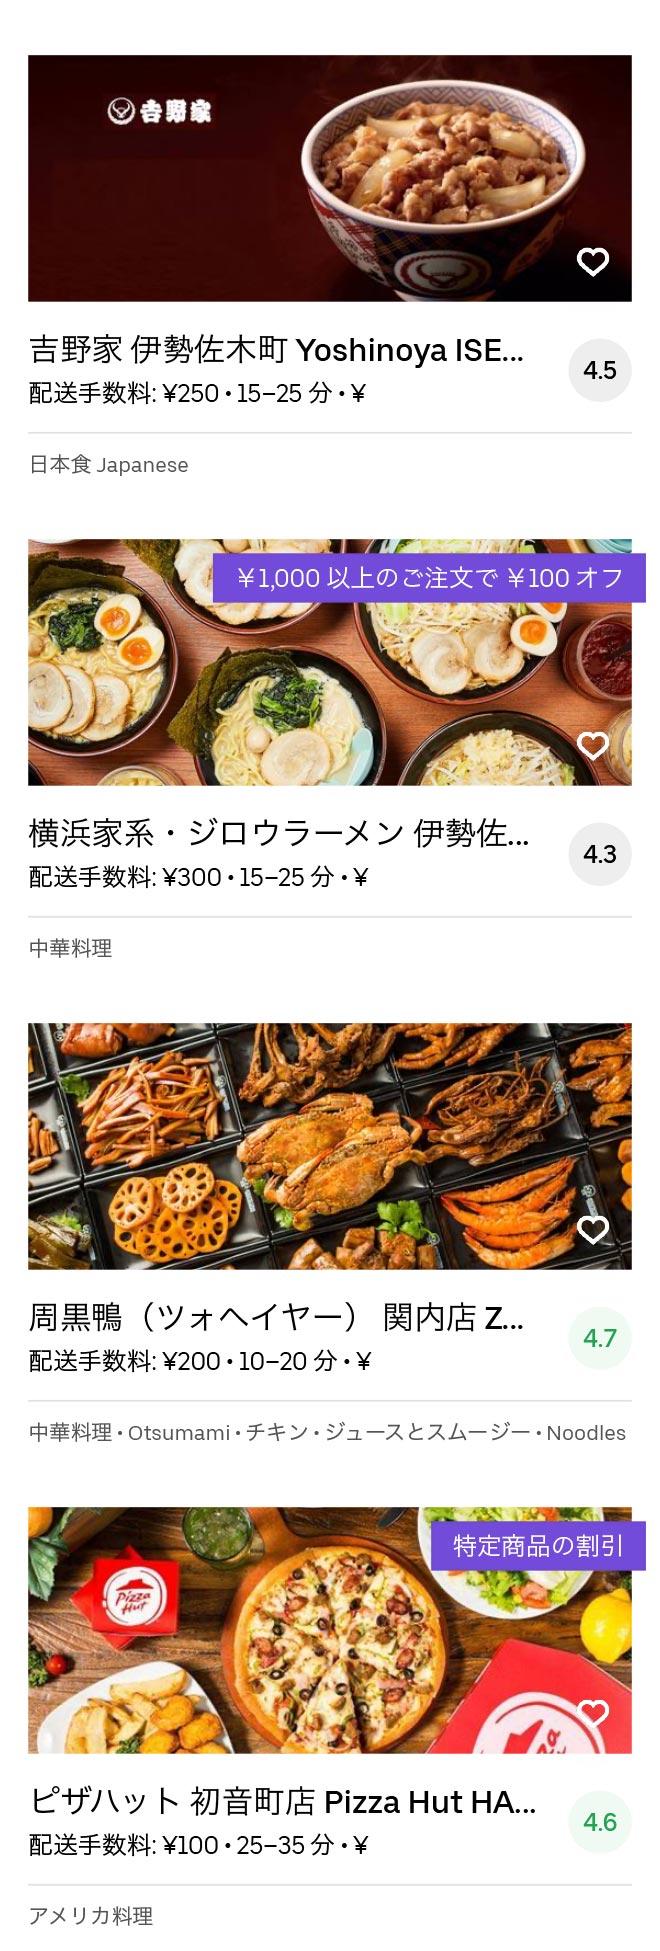 Yokohama ishikawacho menu 2004 12